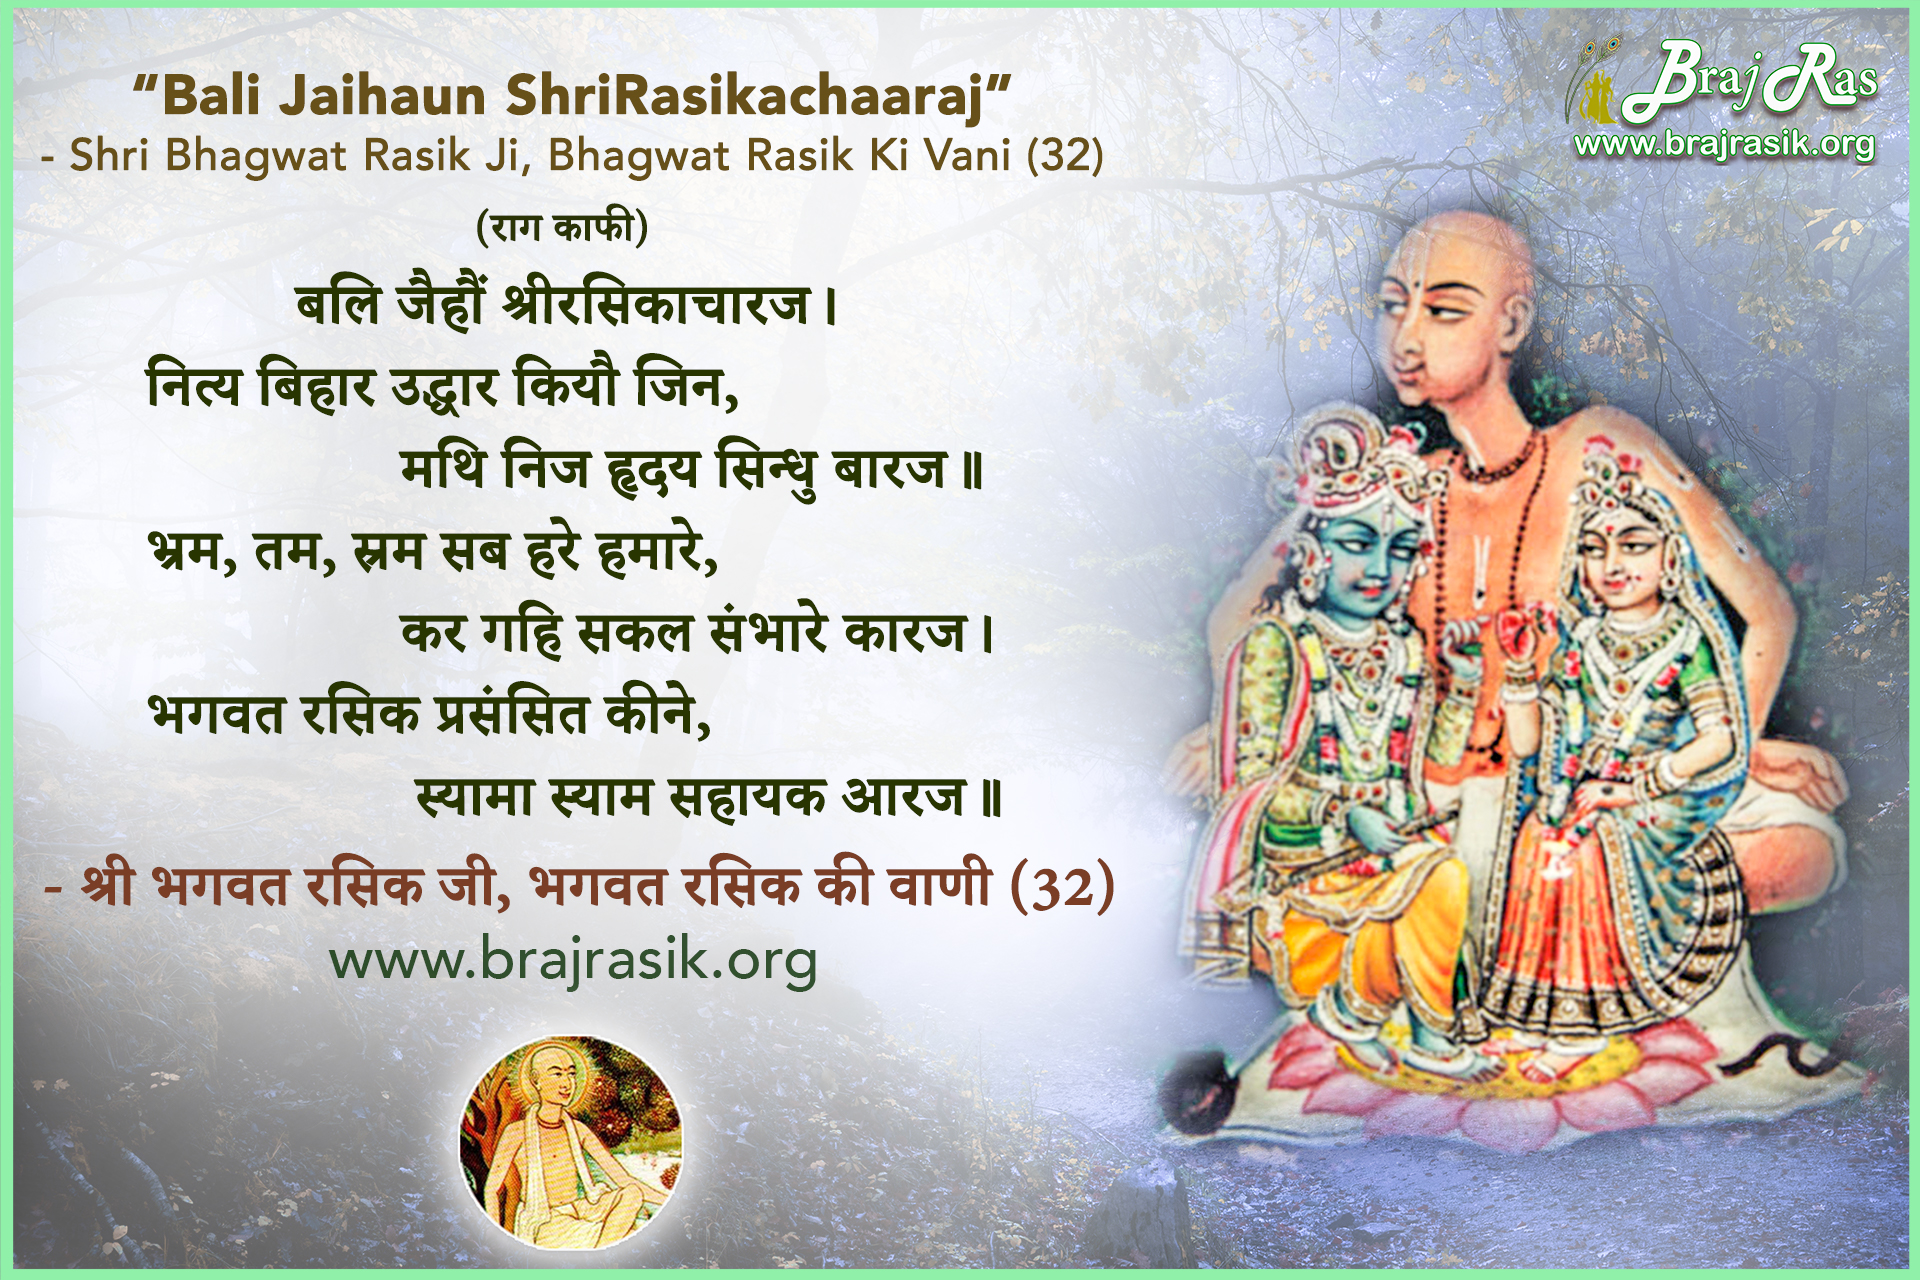 Bali Jaihaun ShriRasikachaaraj - Shri Bhagwat Rasik Ji, Bhagwat Rasik Ki Vani (32)